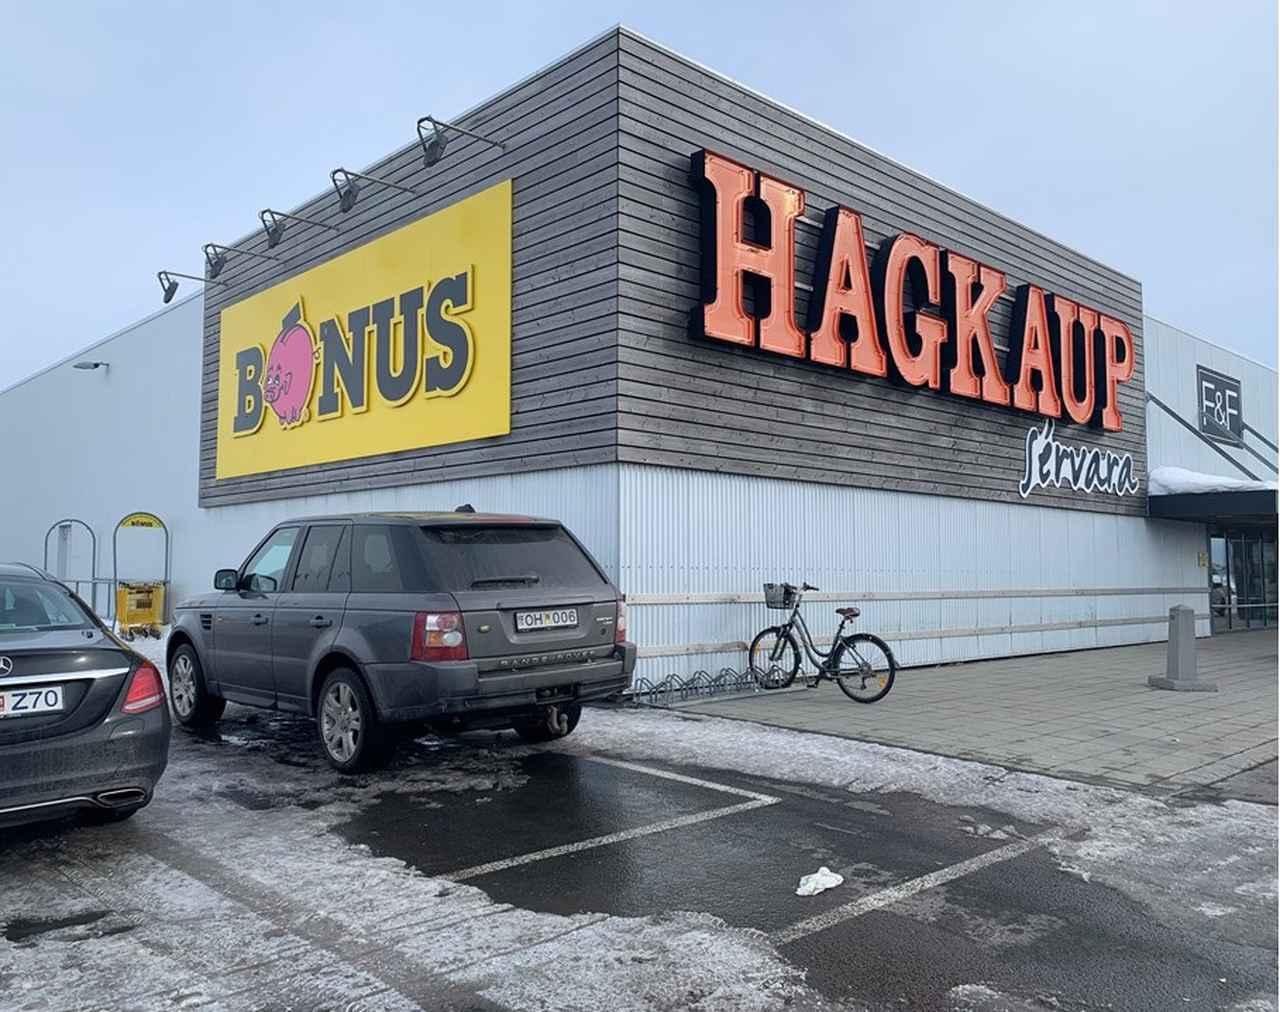 画像: スーパーマーケットBONUS / 馬渕撮影 (※ツアー中に立ち寄るスーパーはBONUSではない場合もございます。)